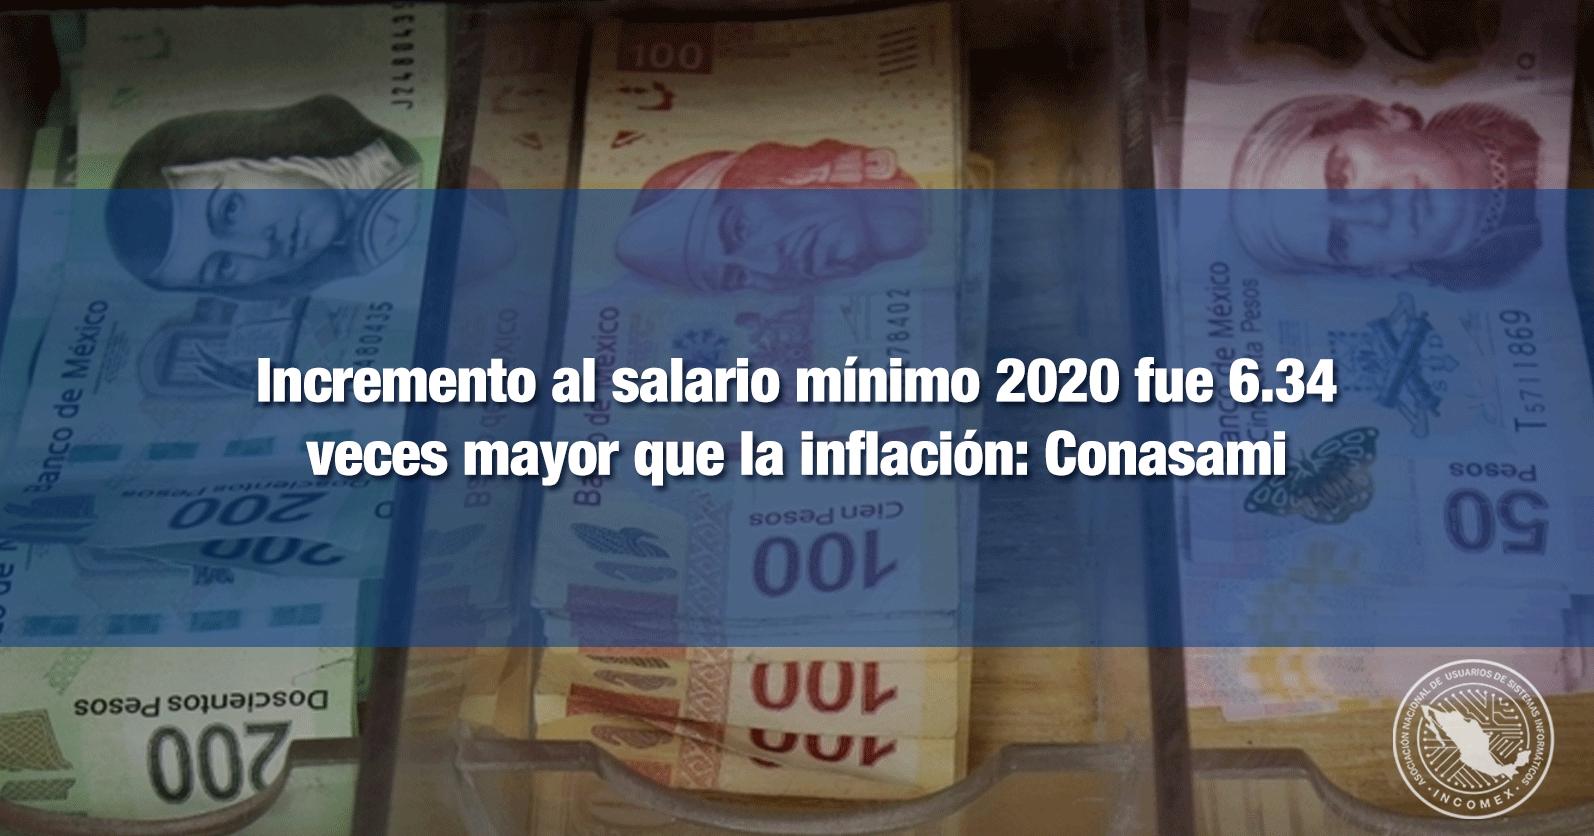 Incremento al salario mínimo 2020 fue 6.34 veces mayor que la inflación: Conasami